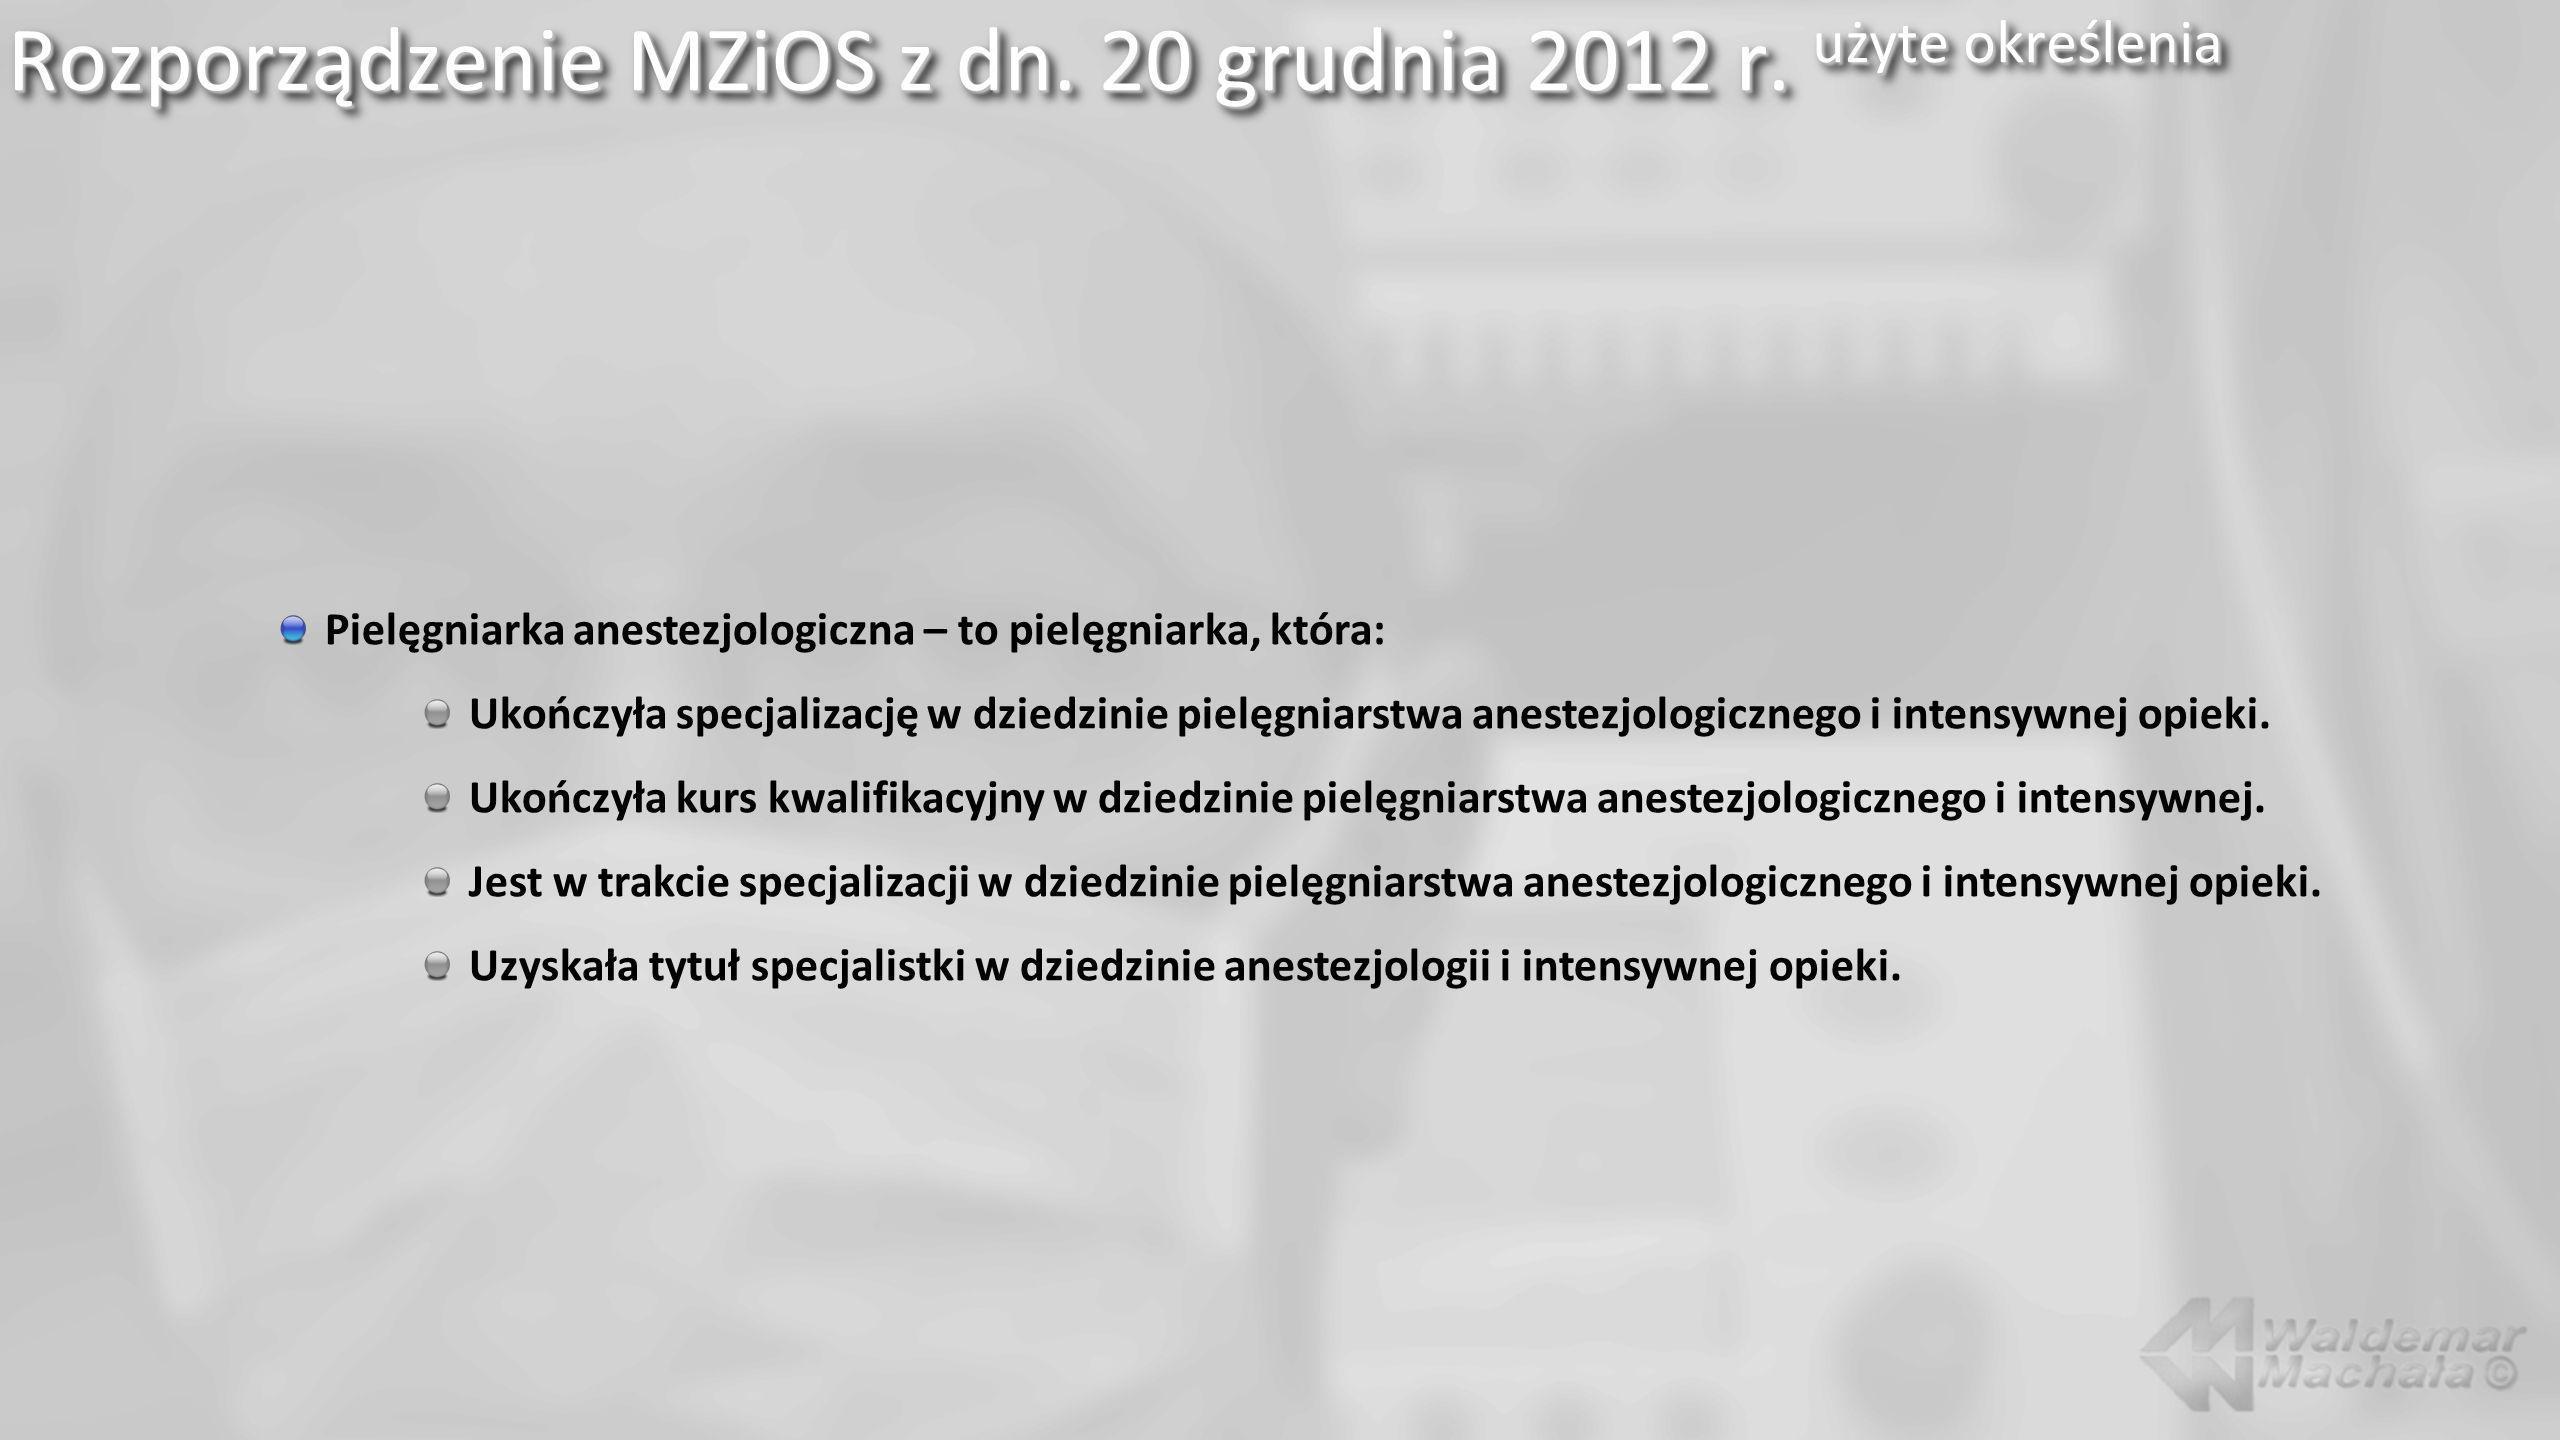 Rozporządzenie MZiOS z dn. 20 grudnia 2012 r. użyte określenia